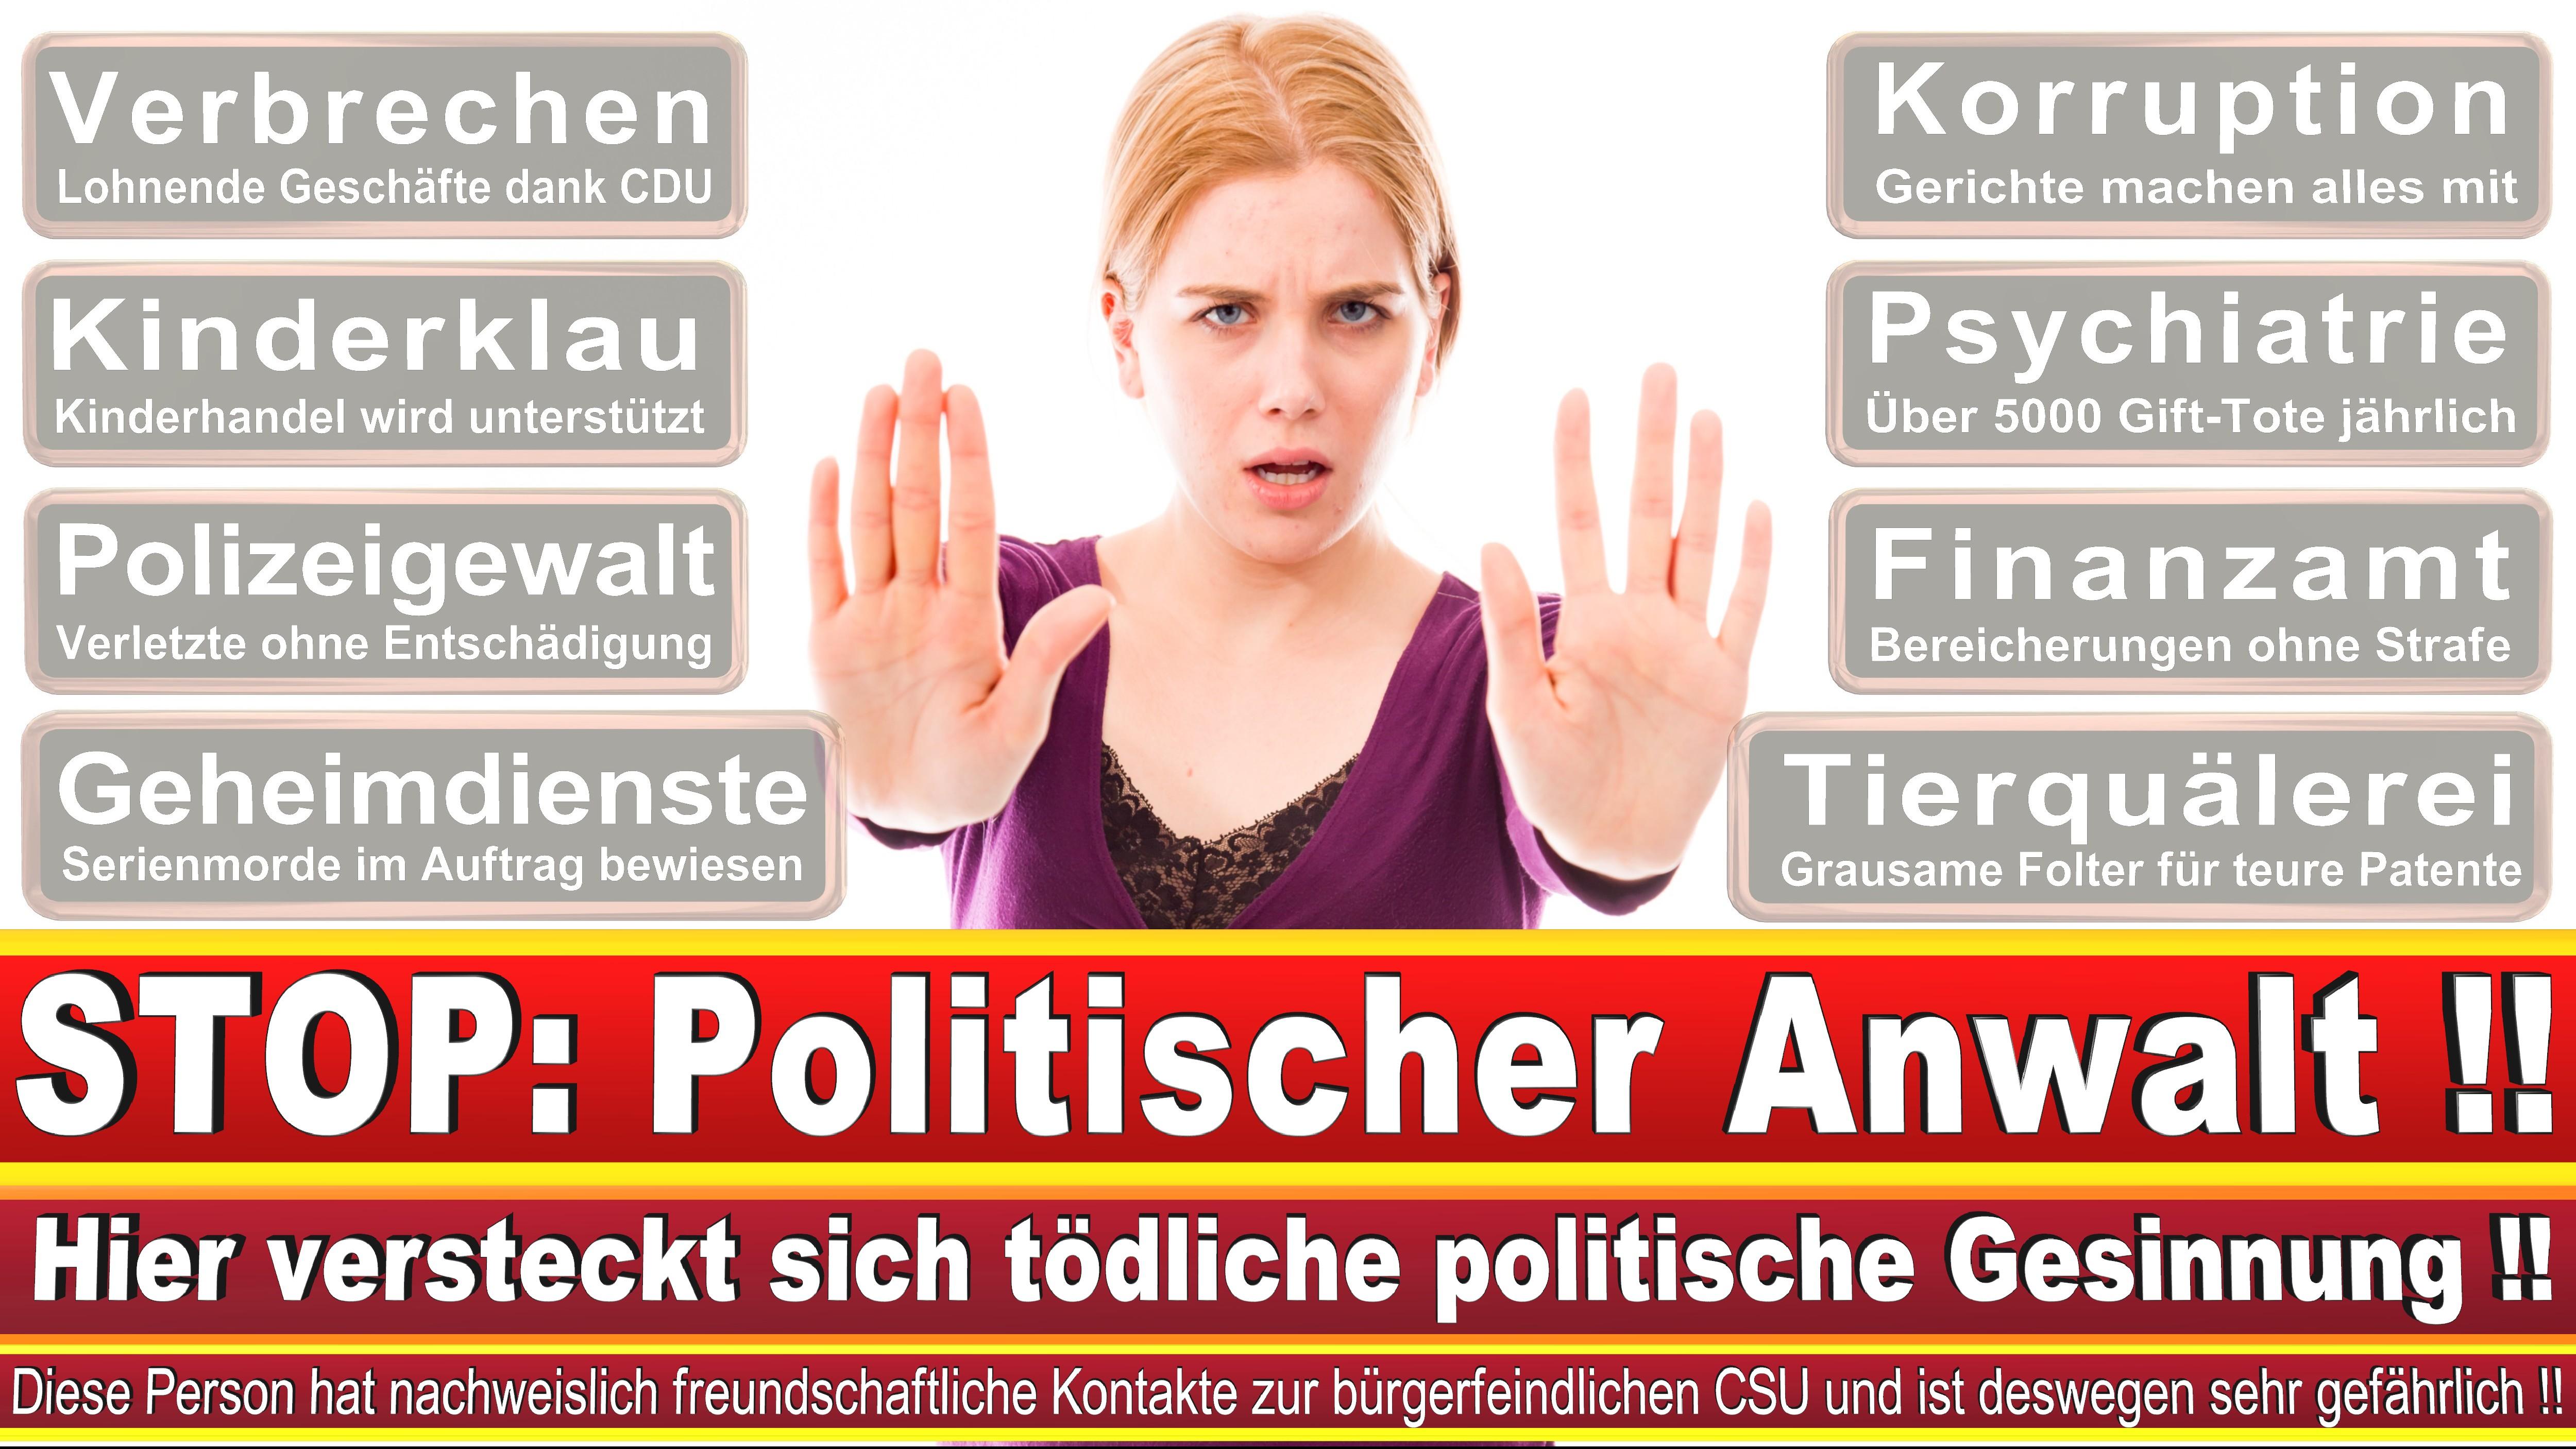 Rechtsanwalt Martin Klimesch München Rechtsanwalt Und Fachanwalt Für Miet Und Wohnungseigentumsrecht Kanzlei Mundigl Klimesch 1